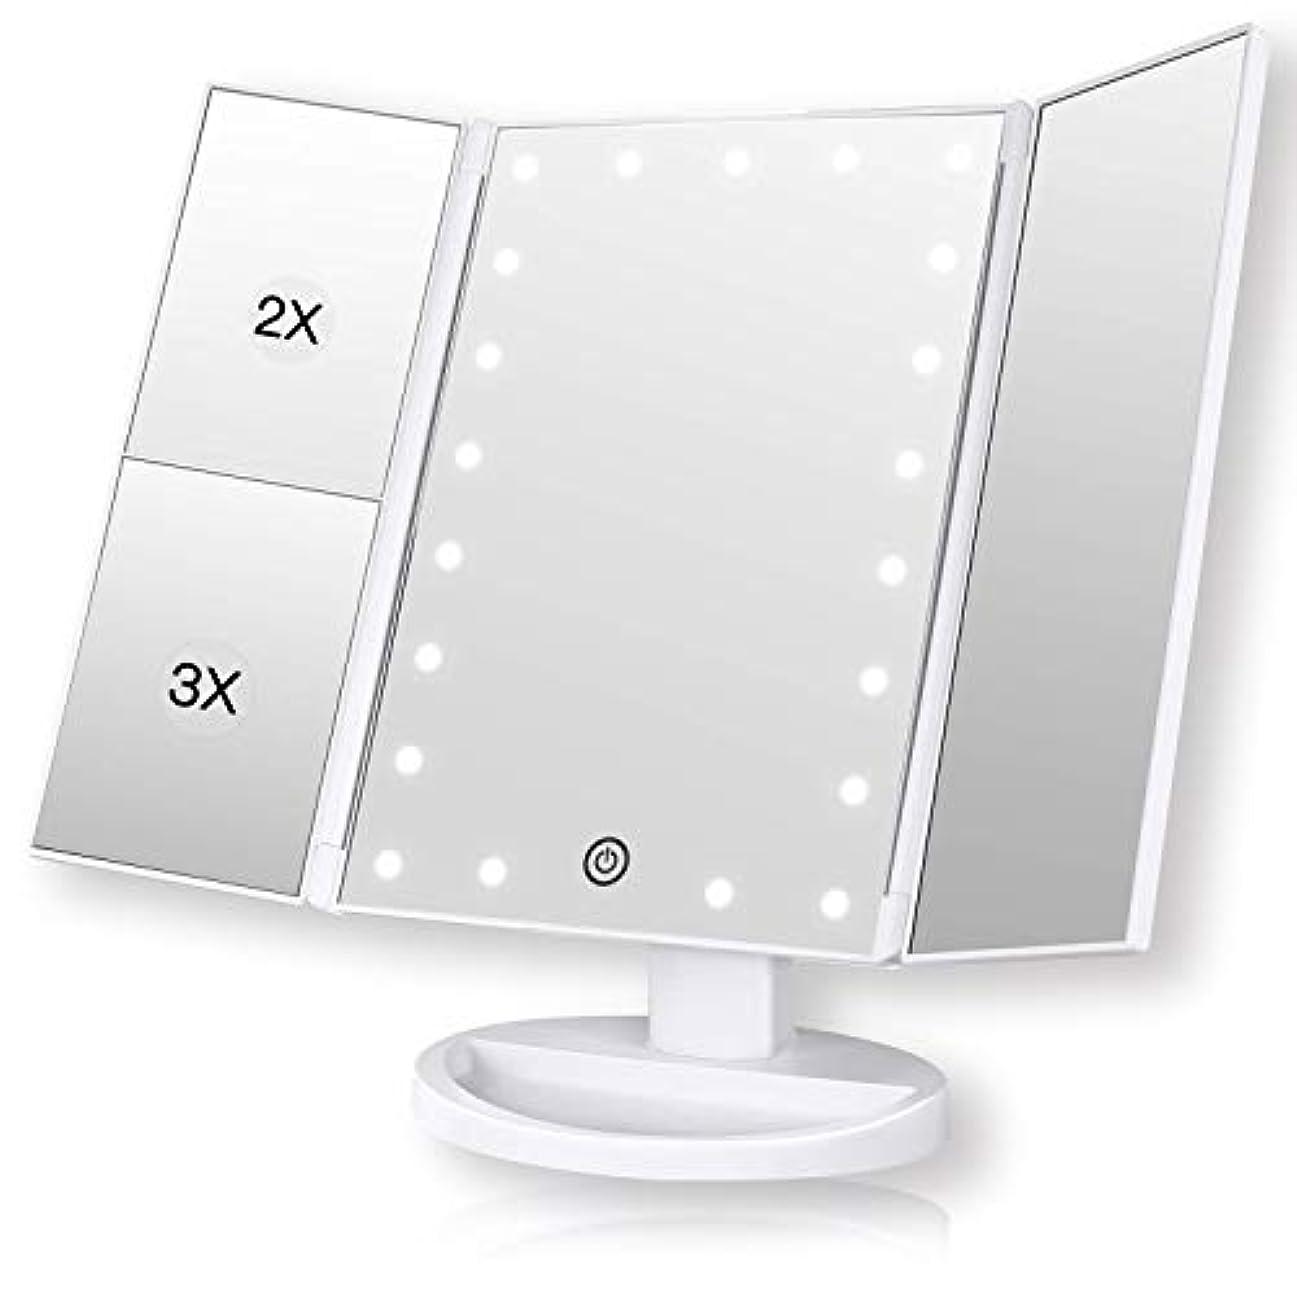 添加華氏協定ROZZERMAN 化粧鏡 卓上ミラー 三面鏡 ledライト 女優ミラー 折りたたみ 持ち運び 拡大鏡 2倍 3倍 角度調整